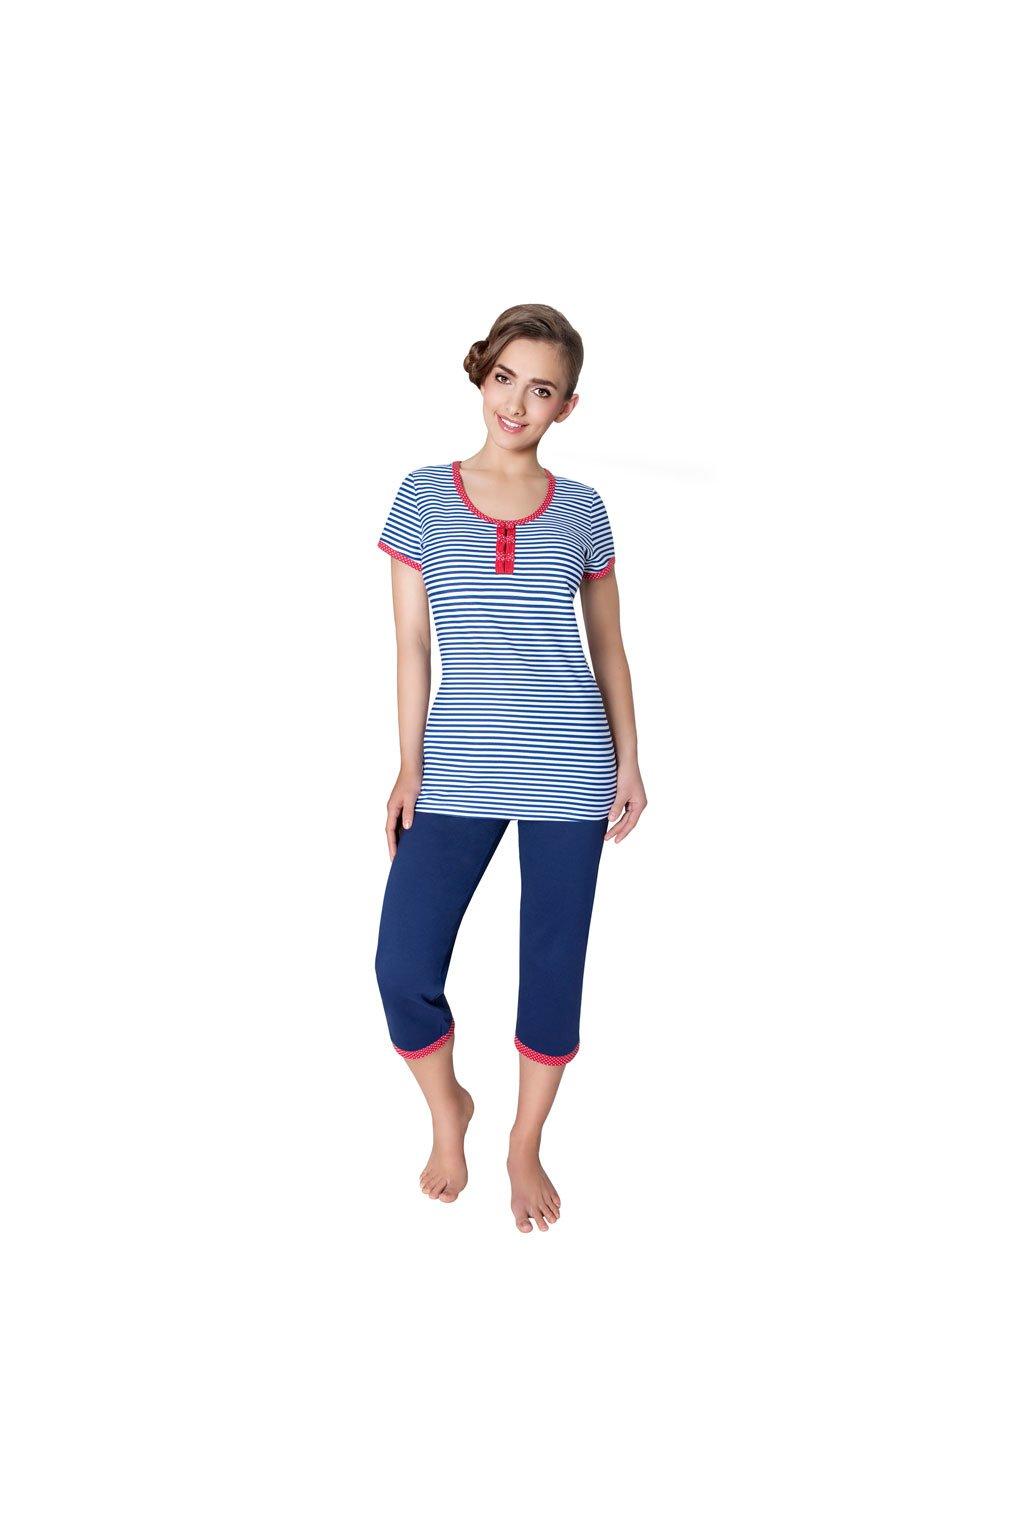 Dámské pyžamo s krátkým rukávem a 3/4 nohavicemi, 104221 658, bílá/modrá